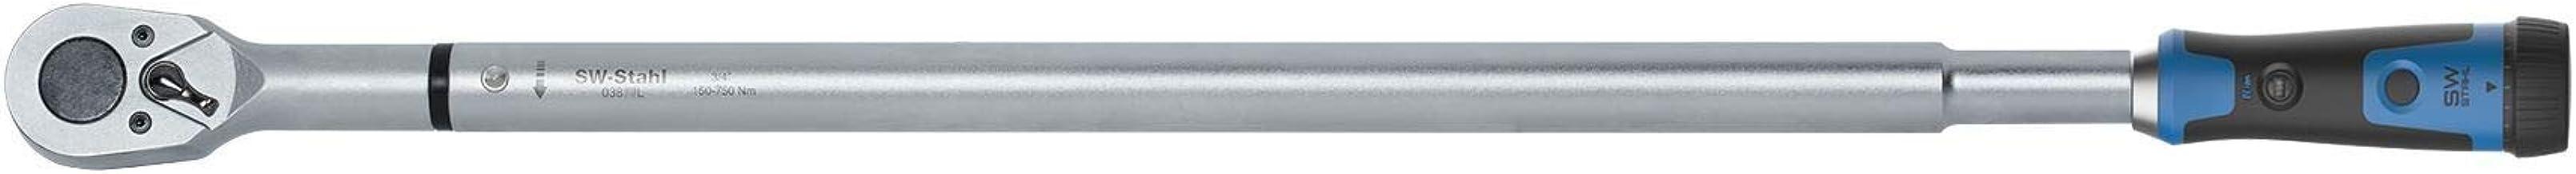 SW-Stahl 03877L professionell vridmomentnyckel 3/4 tum 150–750 Nm med instickningsfyrkant för reparationer av lastbilar/tr...